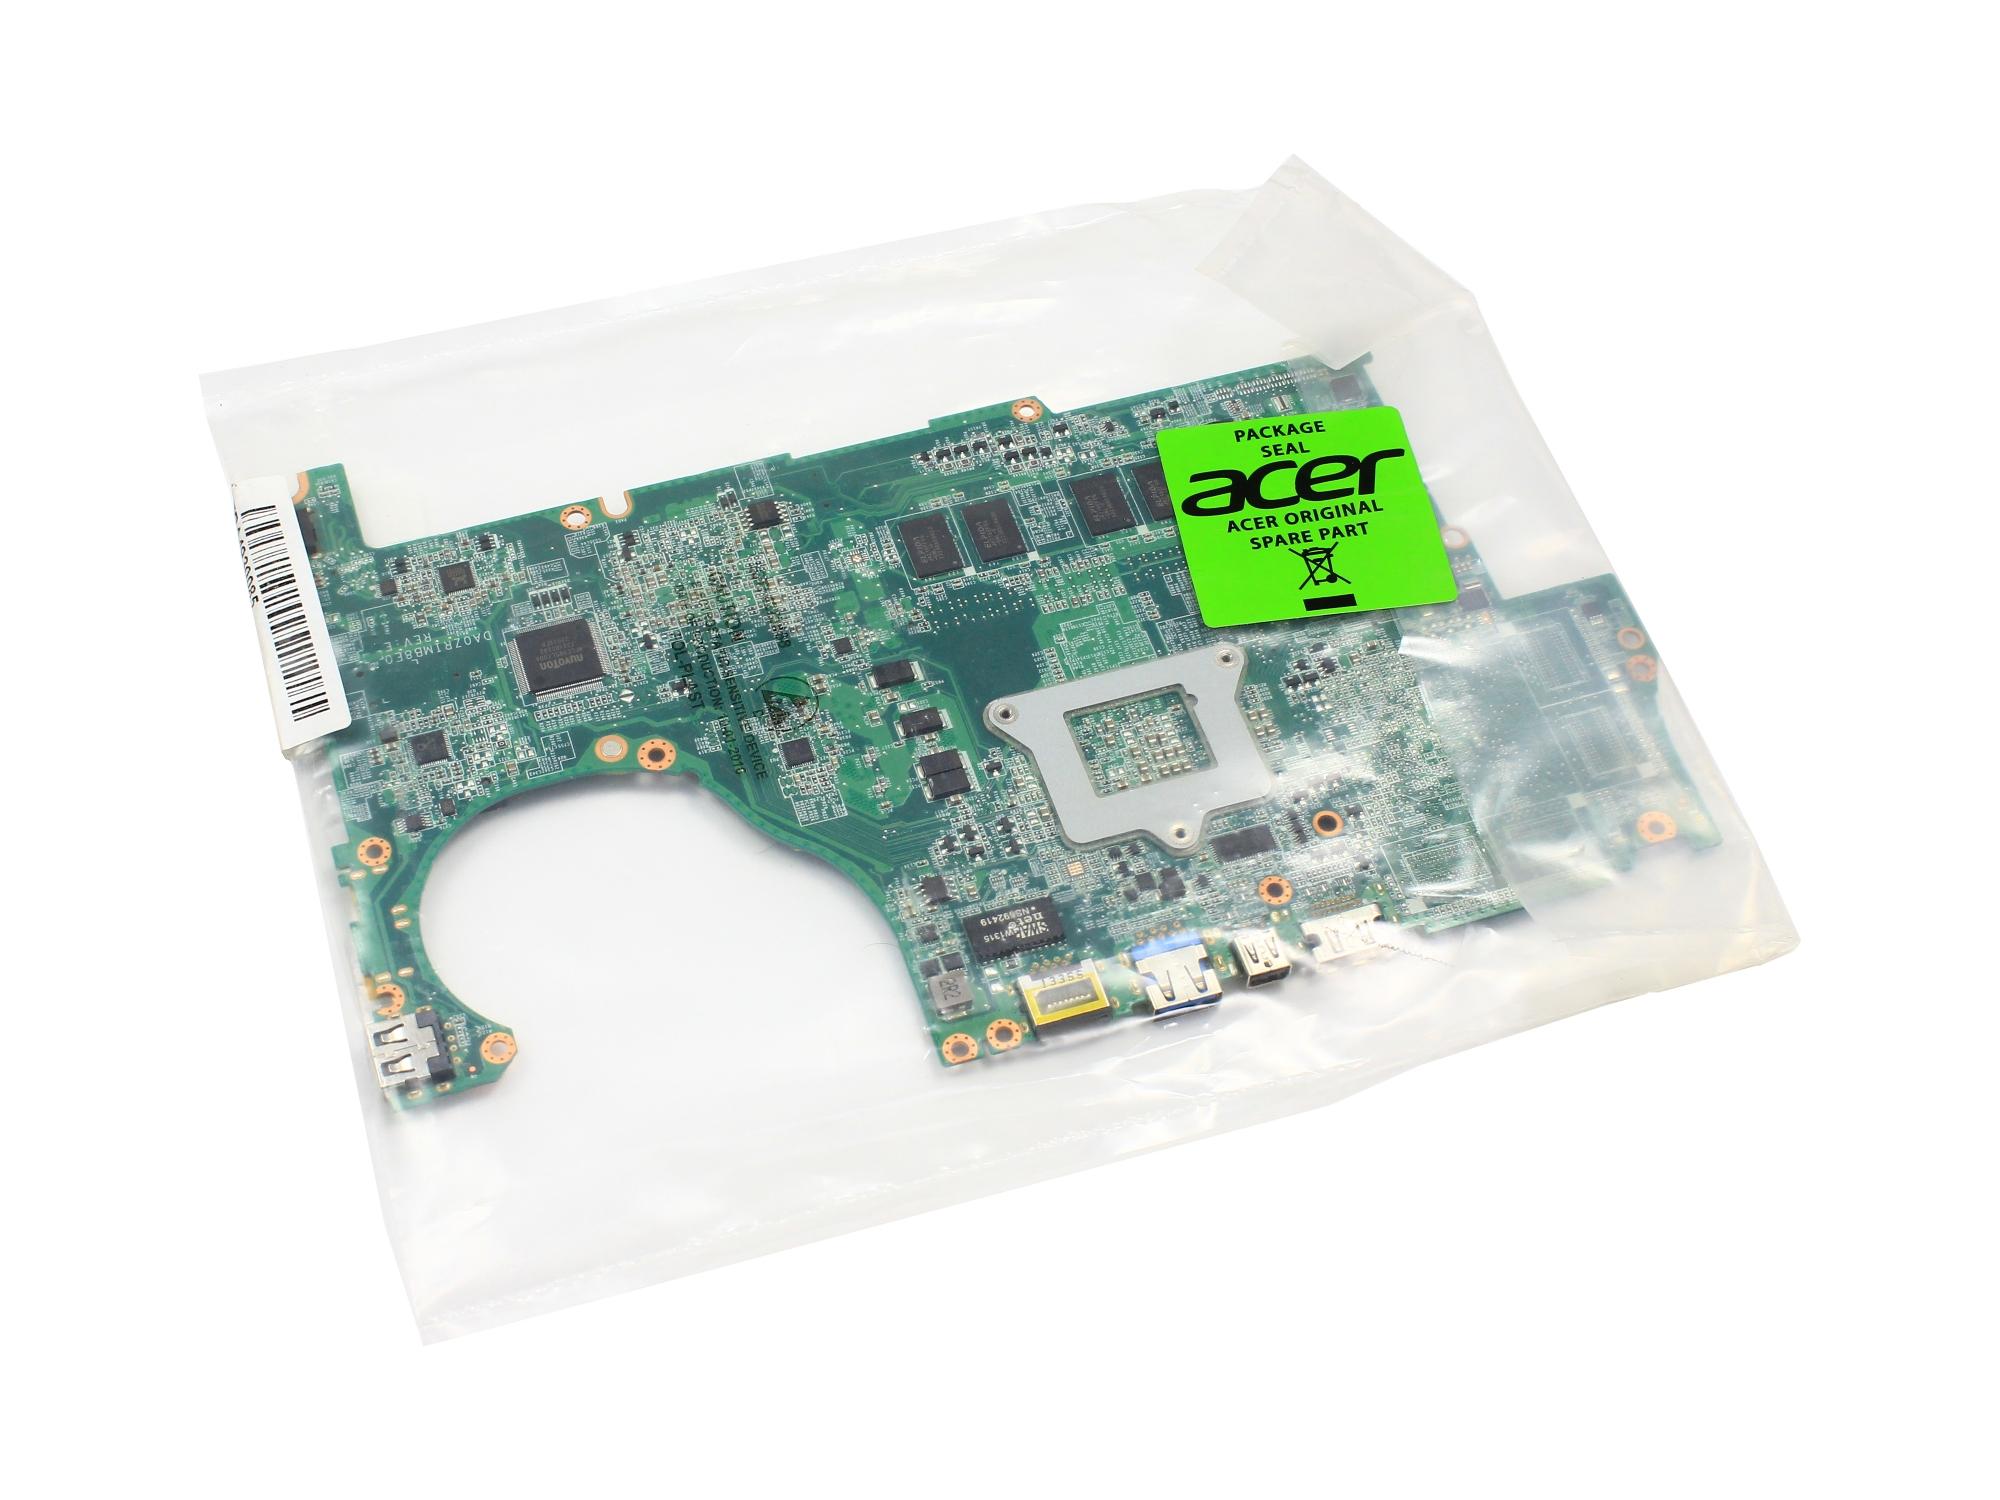 Placa de baza Acer Aspire V5-552, V5-552p model NB.MBJ11.001 cu procesor AMD A10-5757M CPU